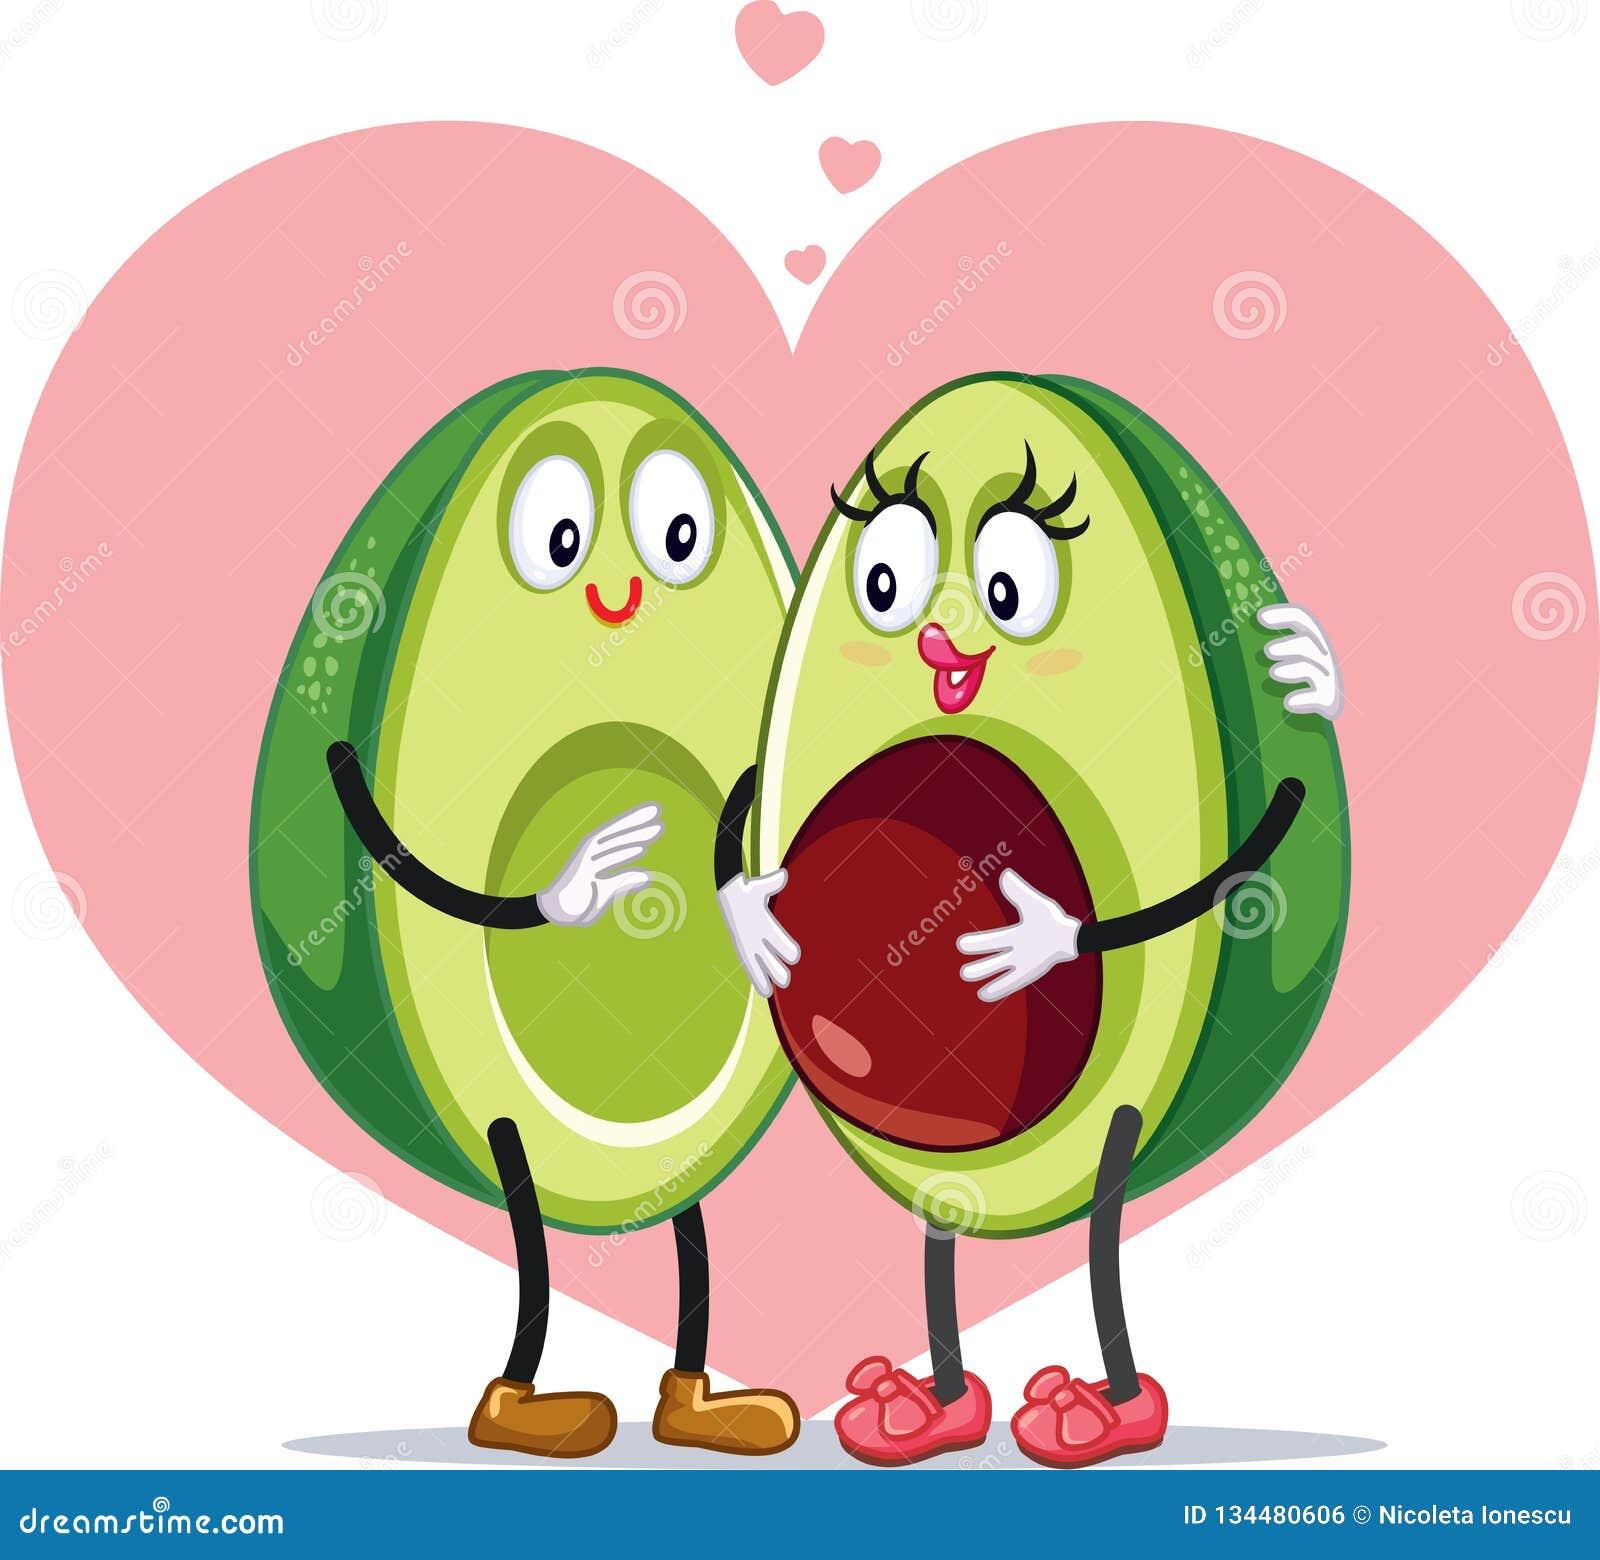 dcdb2e4c Avocado Family Pregnancy Announcement Funny Vector Design Stock ...